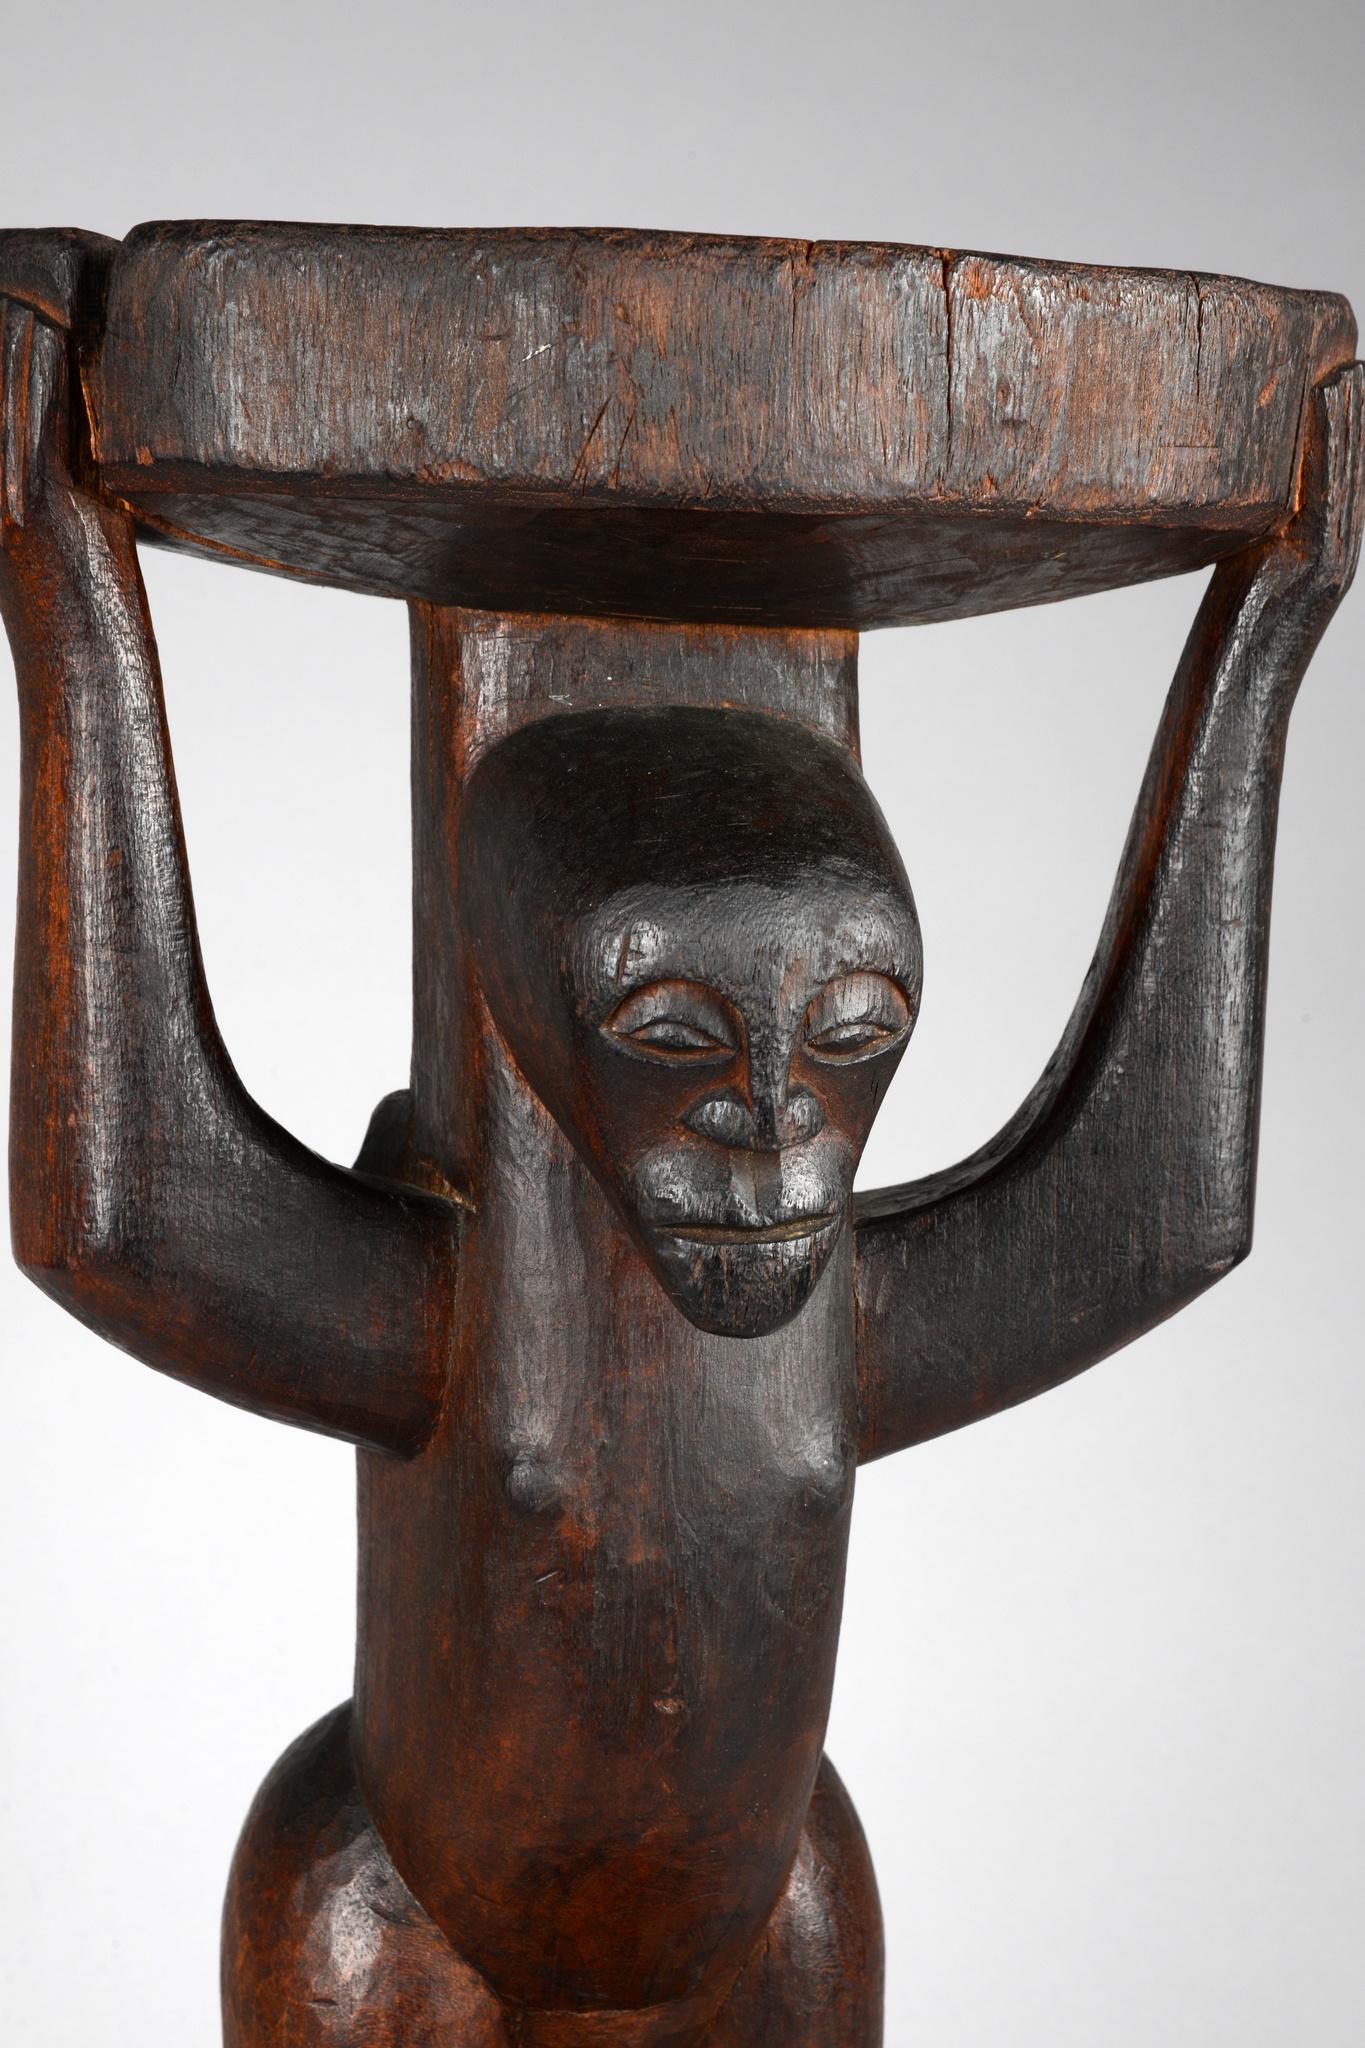 Caryatid stool